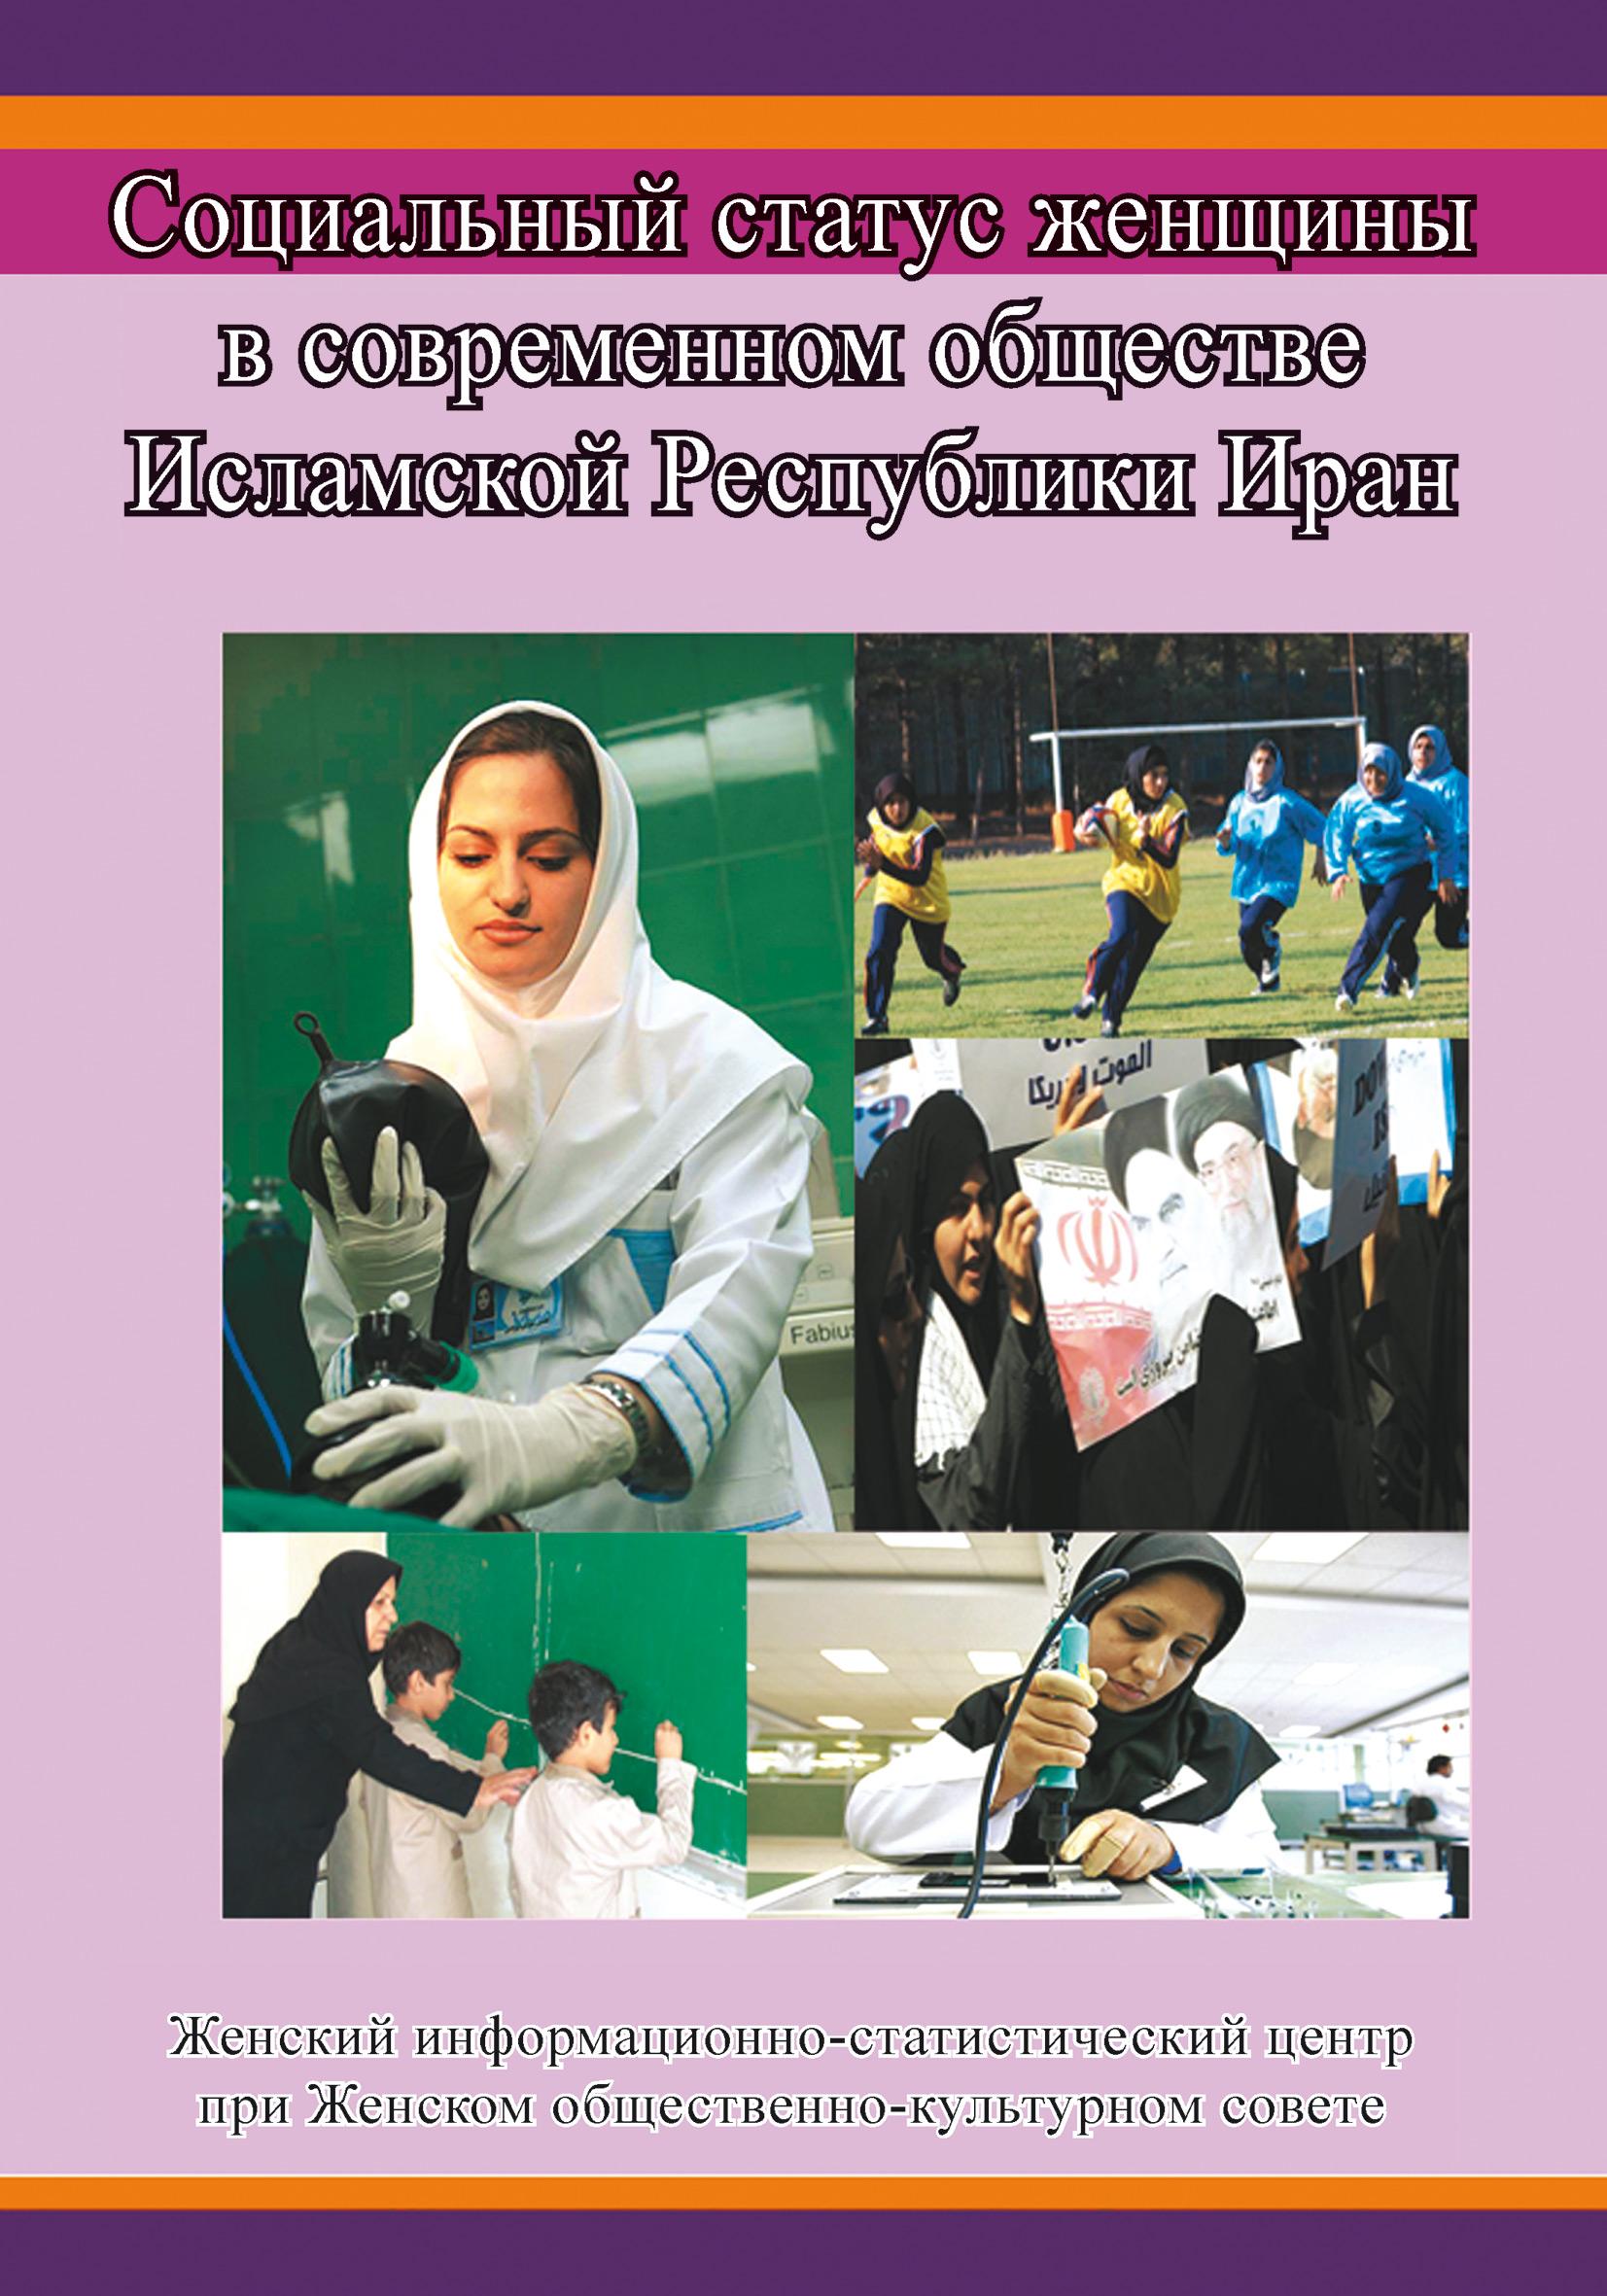 sotsialnyy status zhenshchiny v sovremennom obshchestve islamskoy respubliki iran